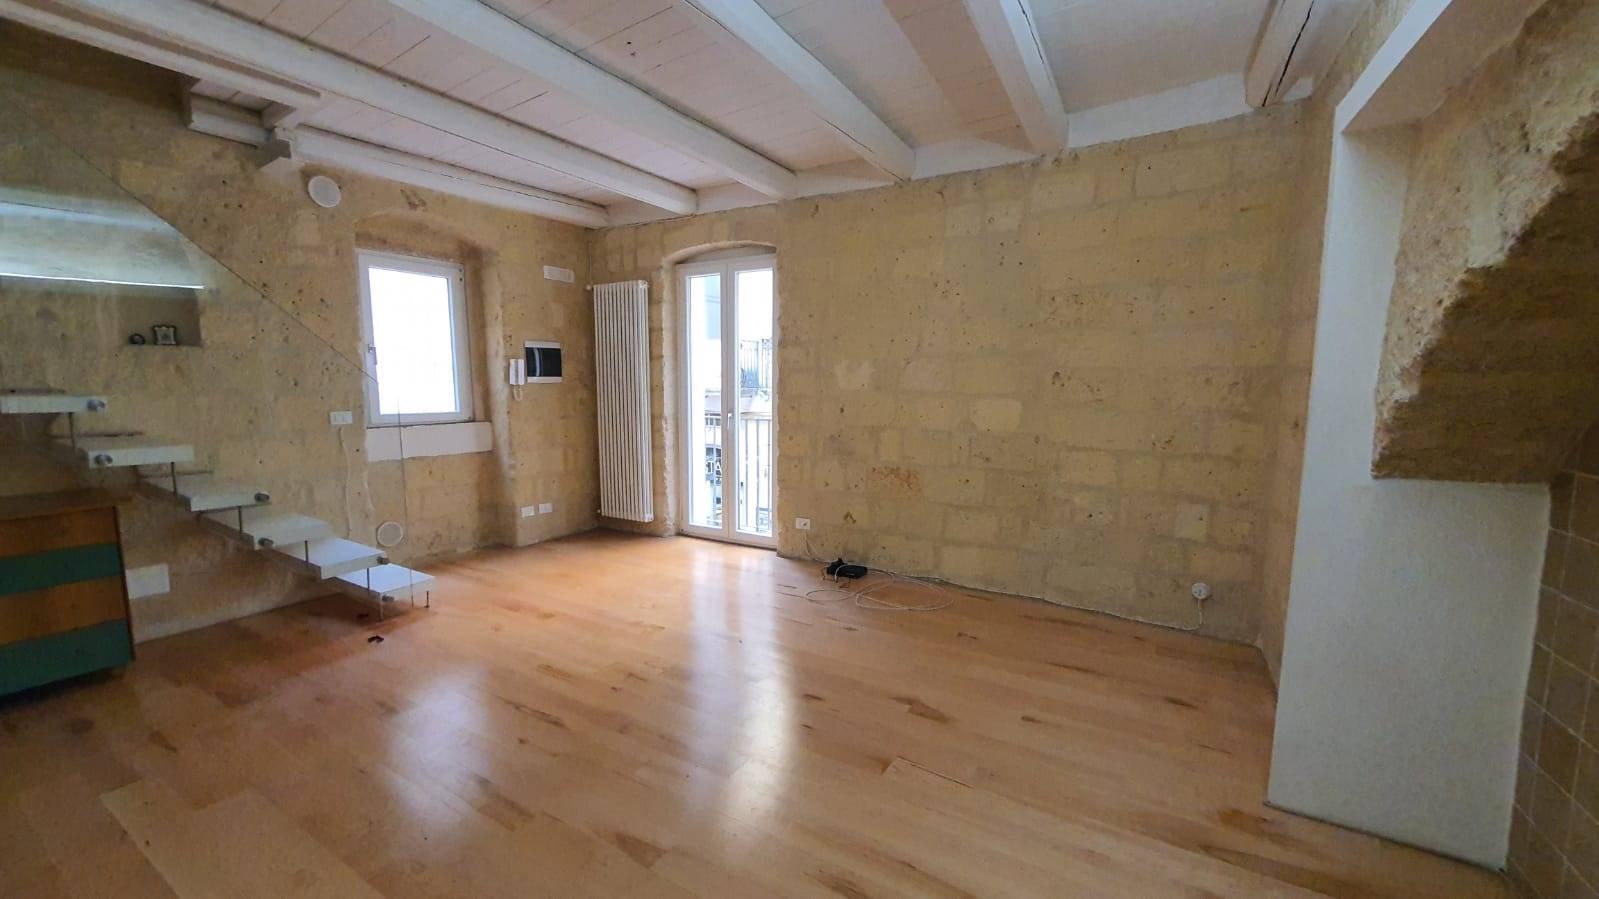 Appartamento in vendita a Altamura, 3 locali, prezzo € 135.000 | CambioCasa.it